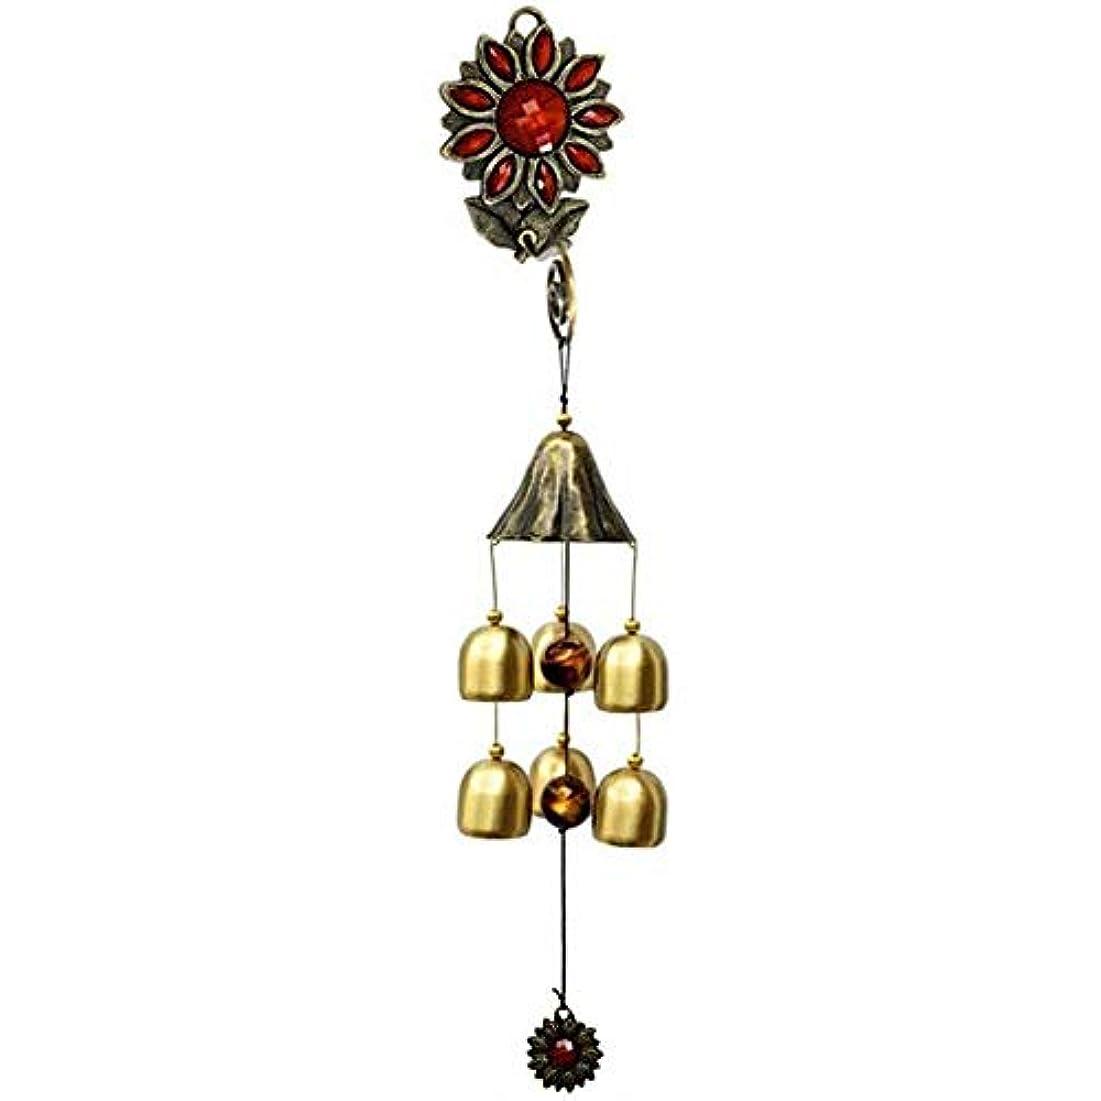 兵器庫交差点汗Fengshangshanghang 風チャイム、ガーデンメタルクリエイティブひまわり風の鐘、グリーン、全長約35CM,家の装飾 (Color : Red)